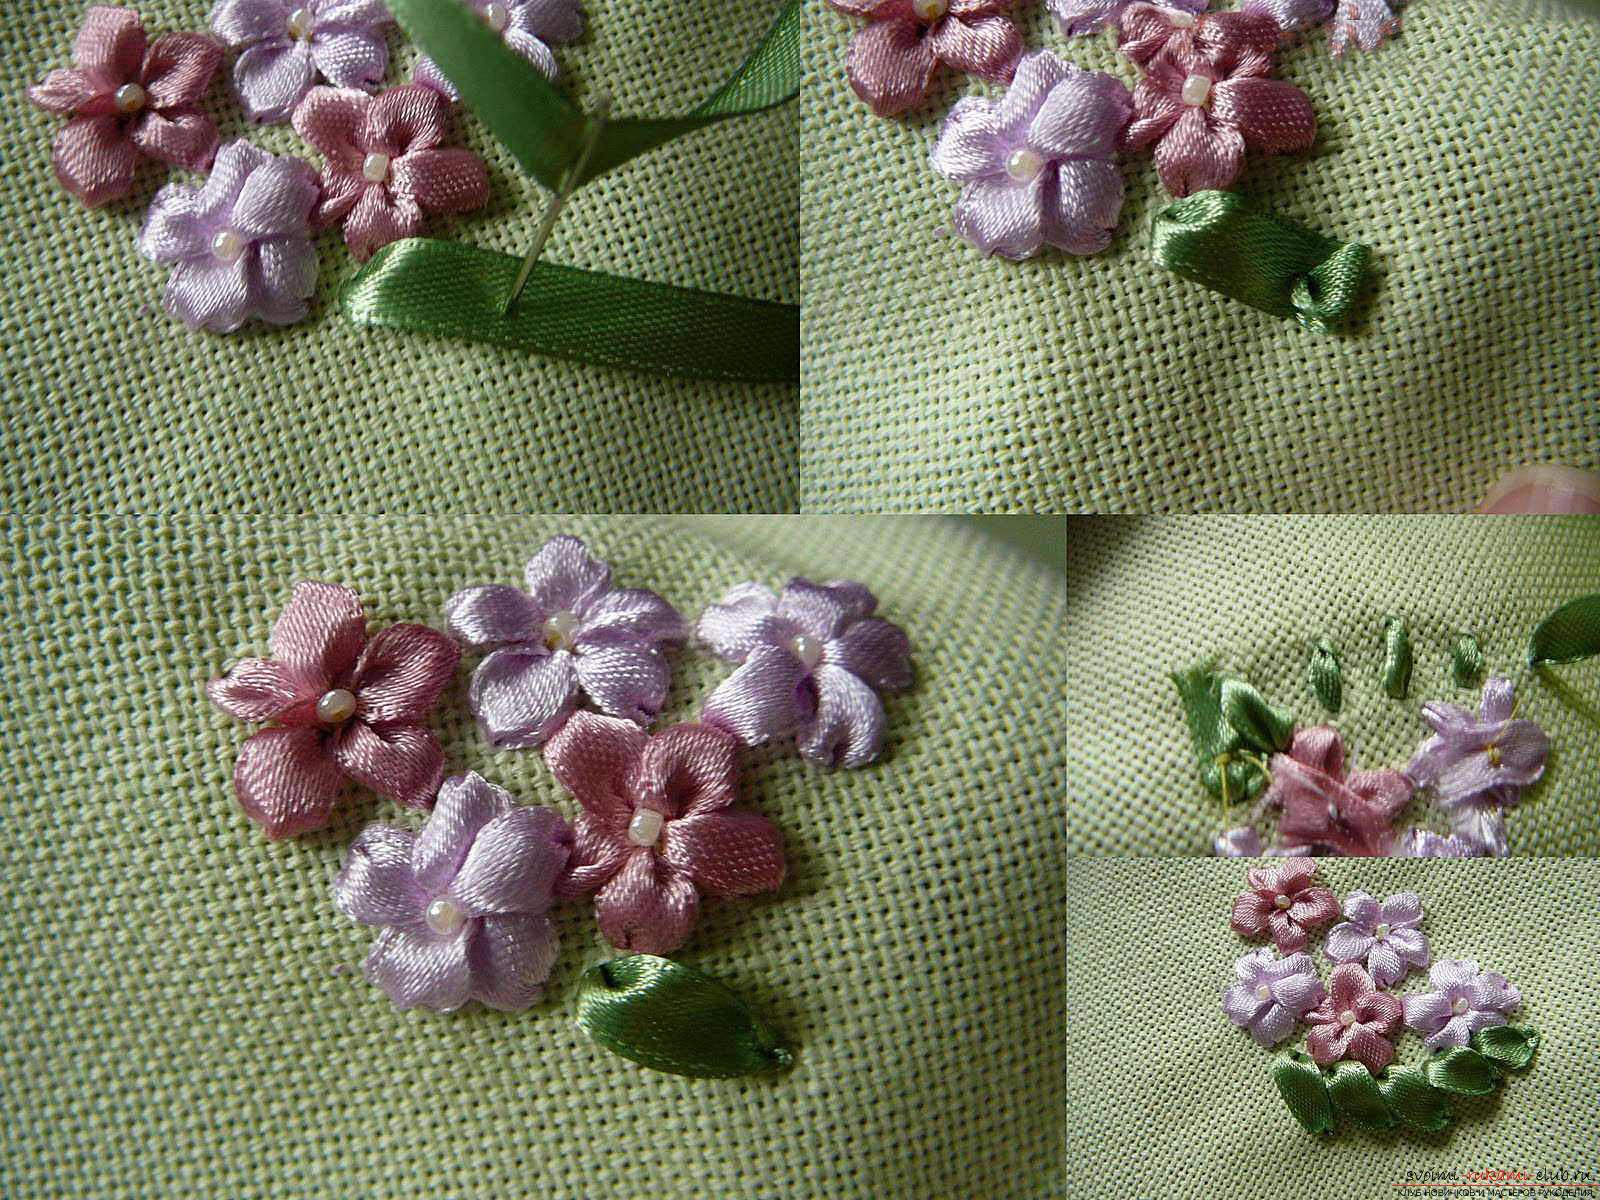 Вышивка лентами белых лилий. Фото №4